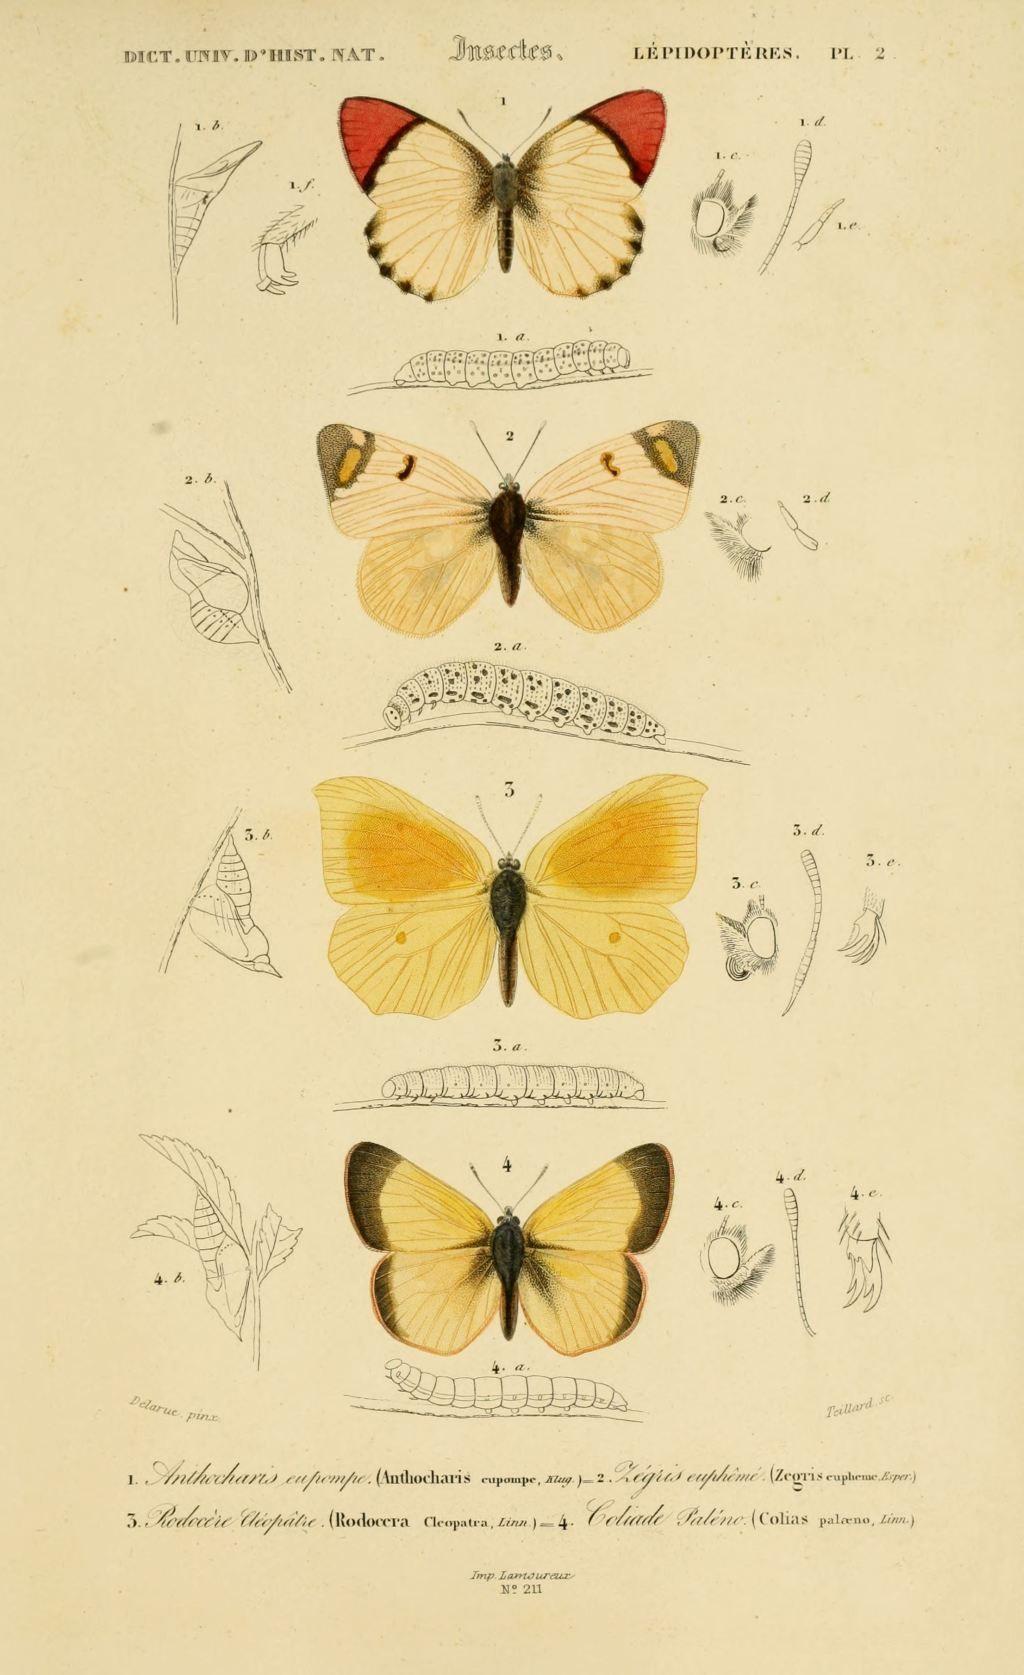 Gravures couleur d 39 insectes dessin insectes 0177 - Papillon dessin couleur ...